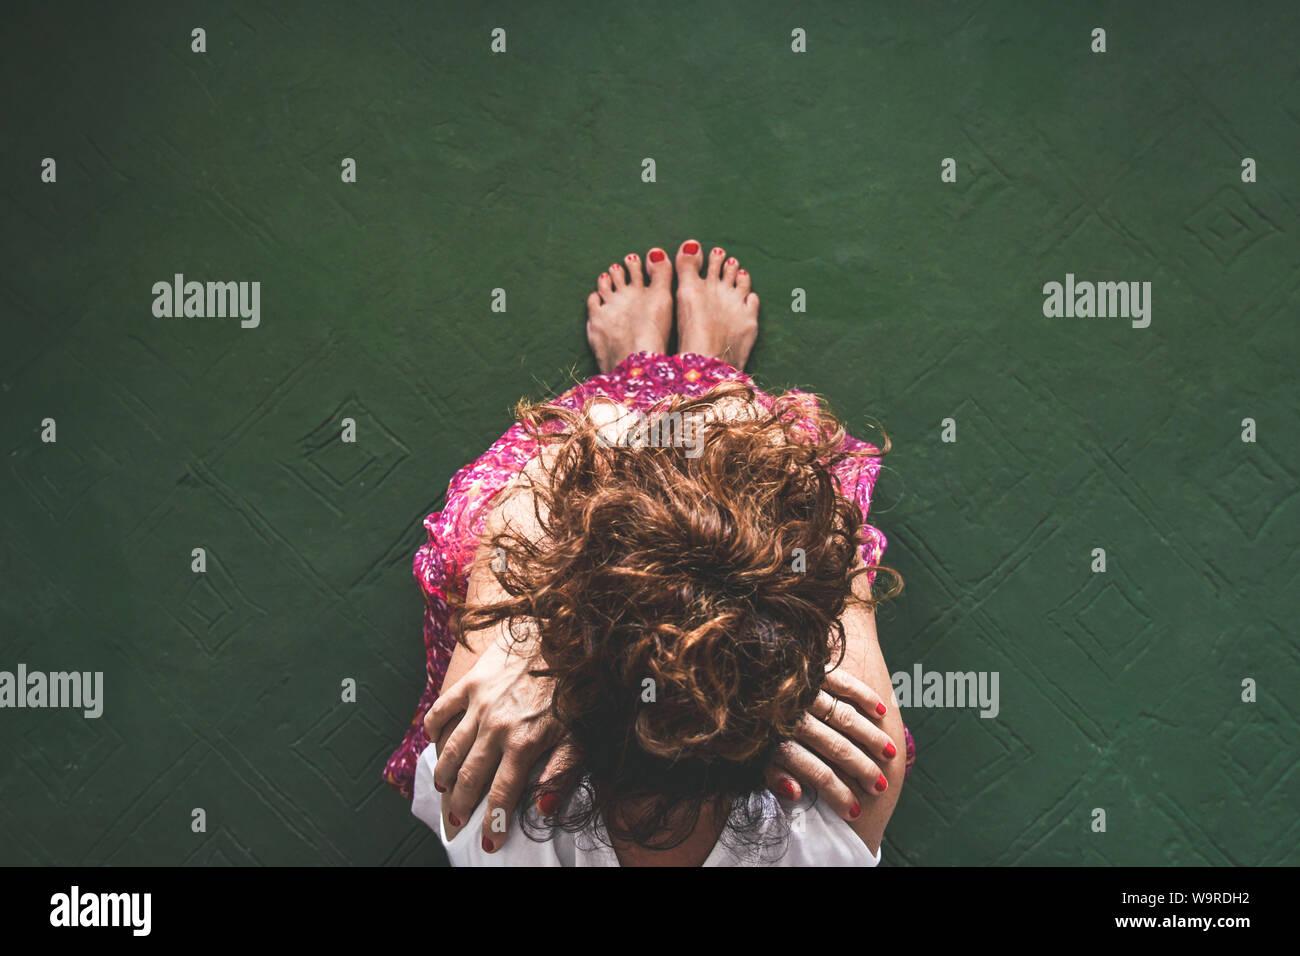 Blick von oben auf die trendige Mädchen sitzen auf Grün vintage Stock. Barfuß Frau mit roten Nägeln Arme gekreuzt. Stilvolle hippie Frau mit lockigem Haar meditieren in Stockfoto